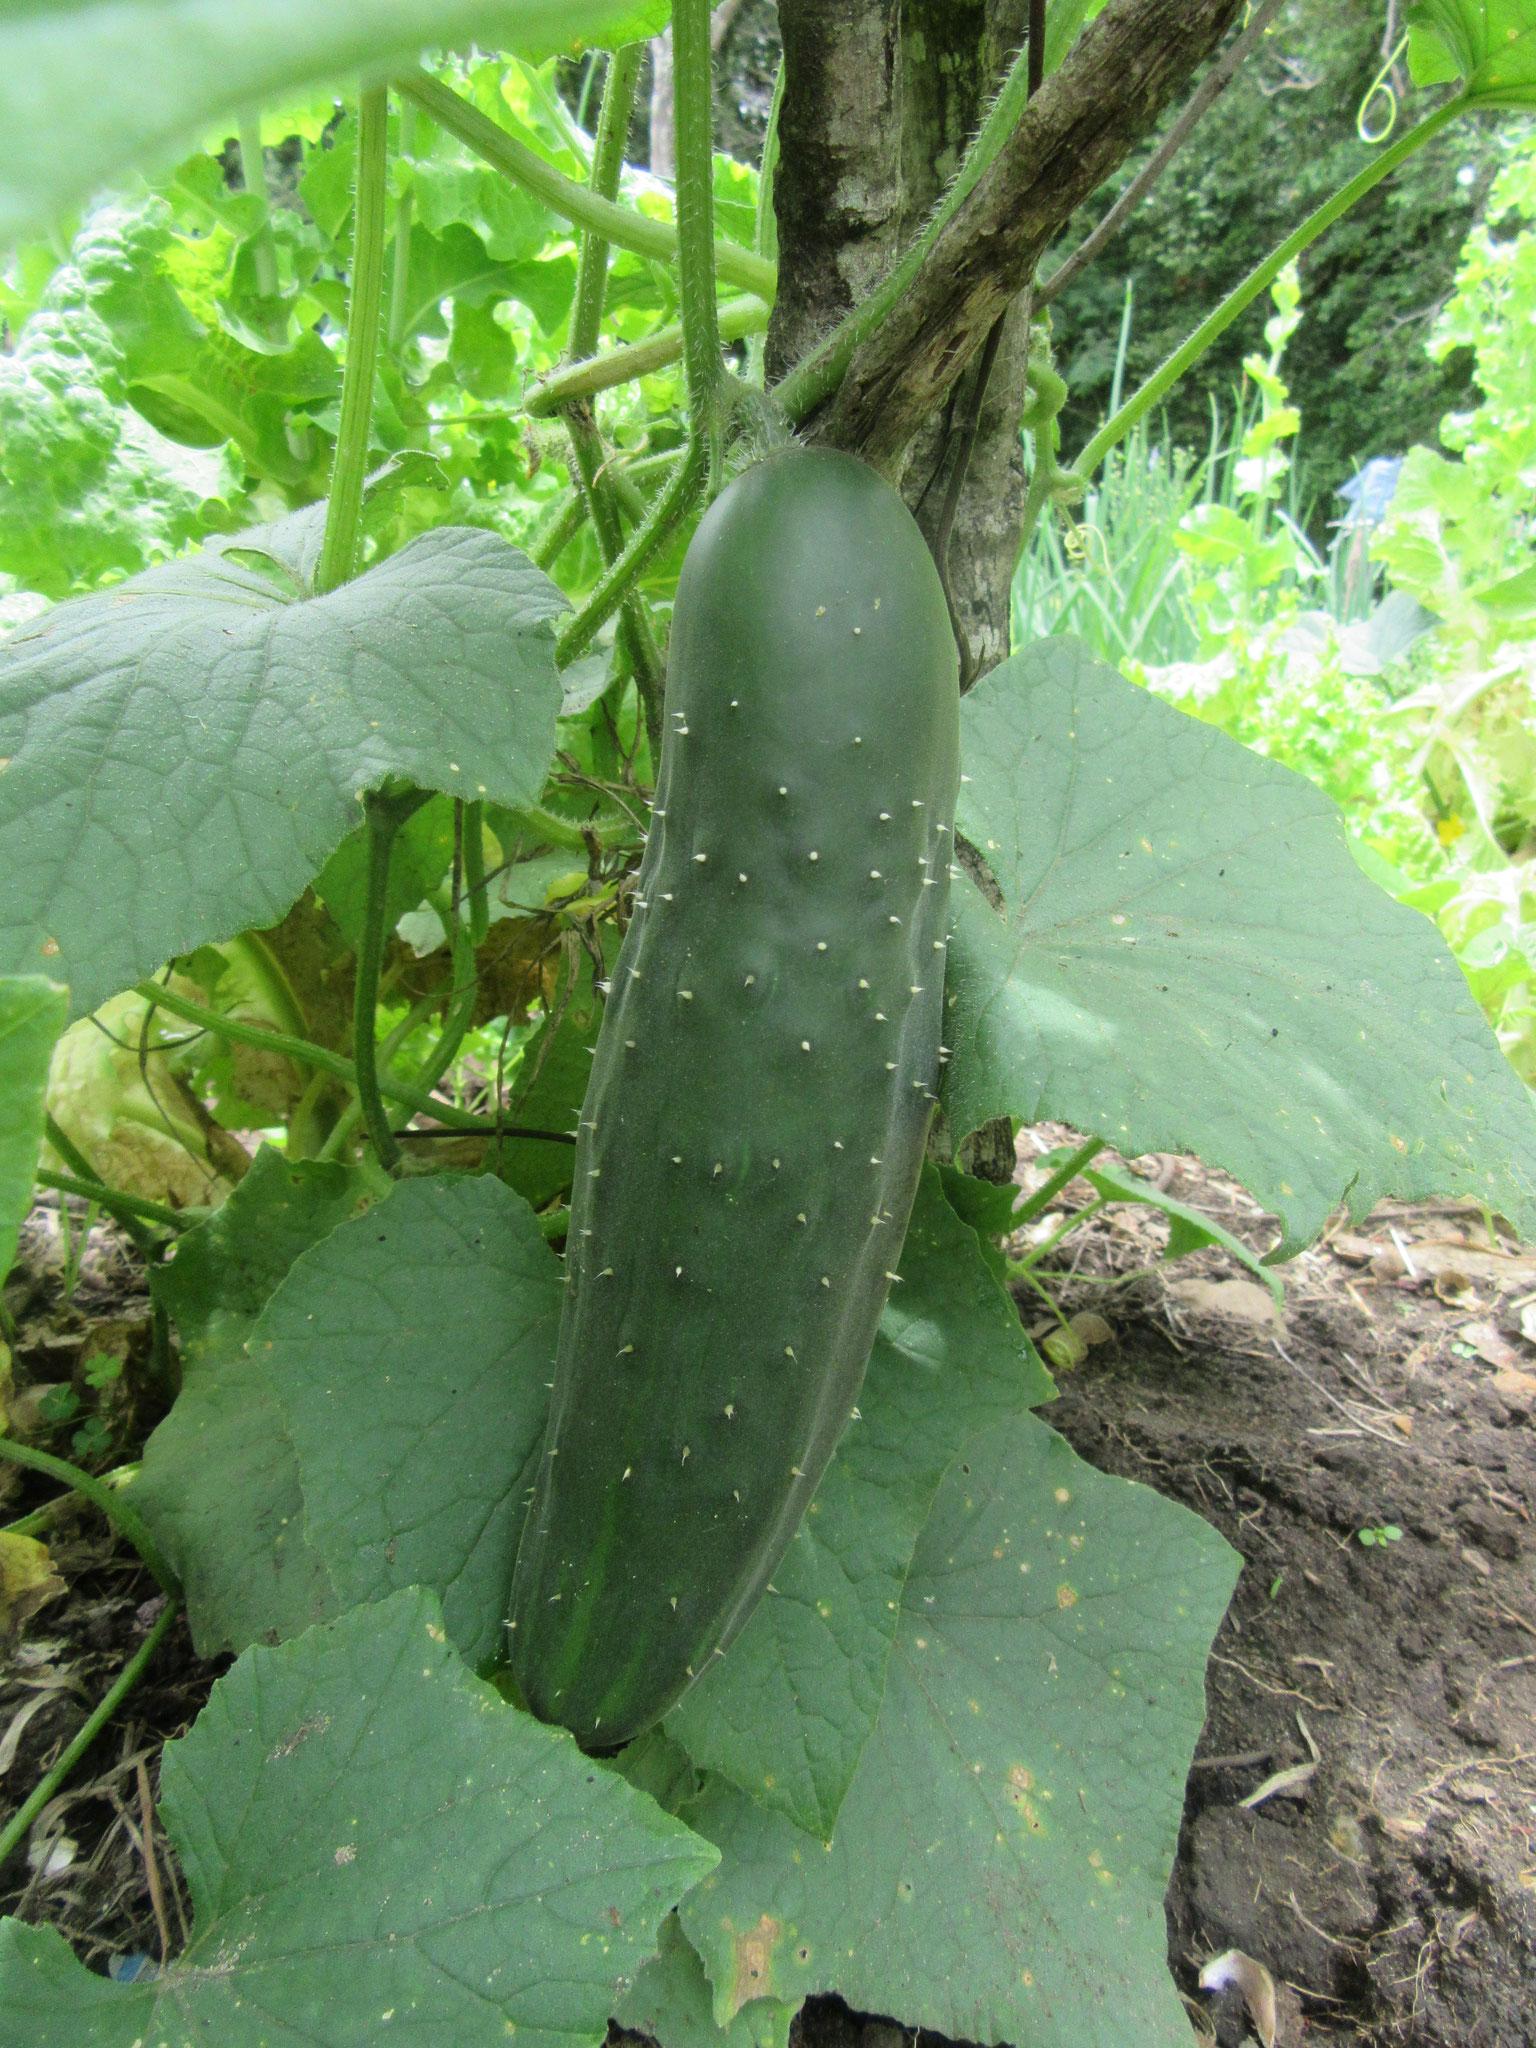 Der Boden ist sehr fruchtbar und voller Nährstoffe